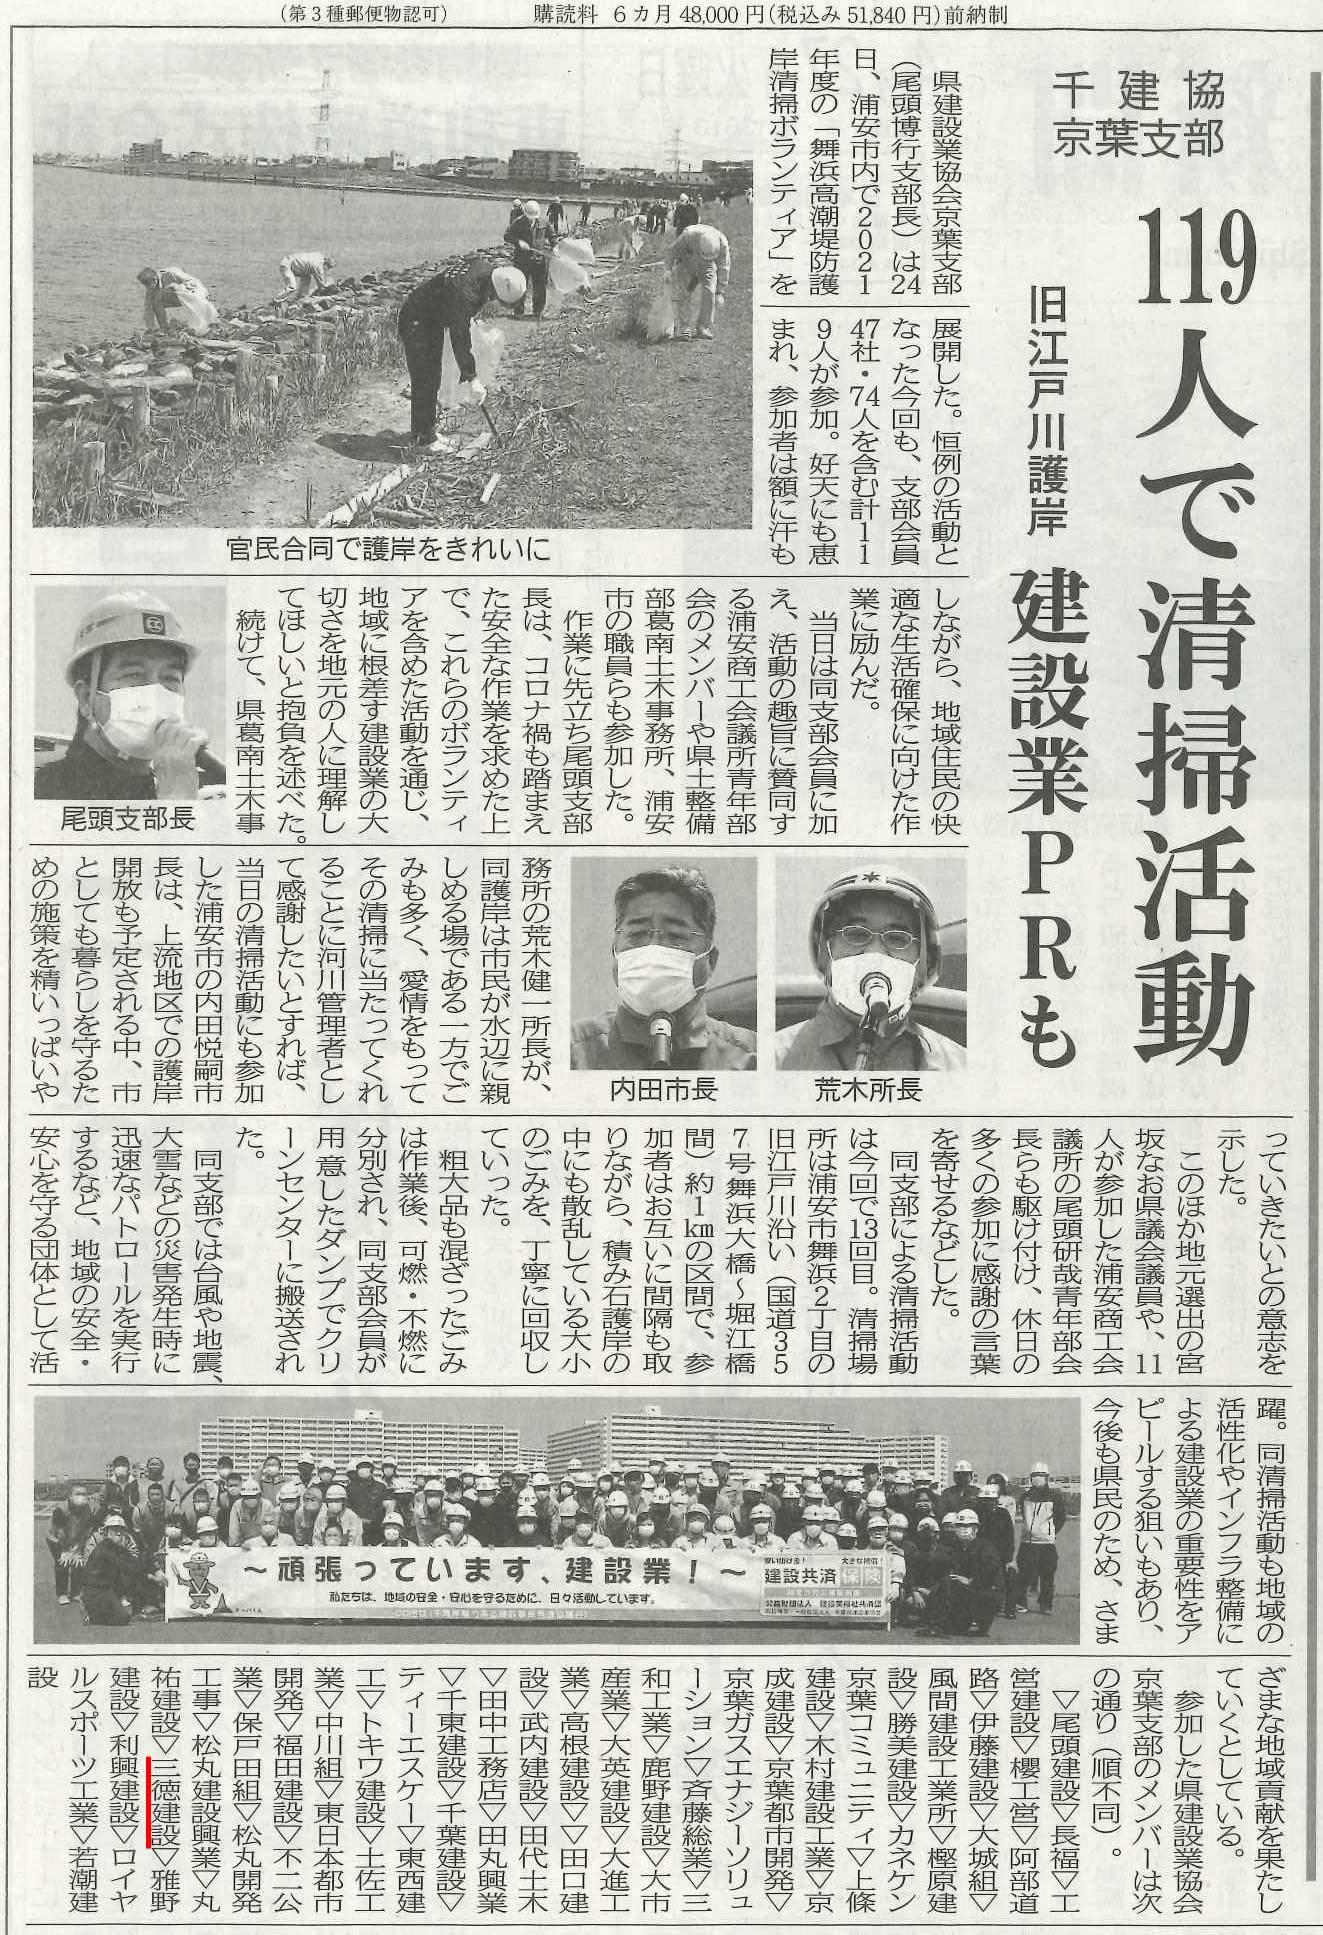 20210427_日刊建設新聞_舞浜高潮堤防護岸清掃ボランティア_